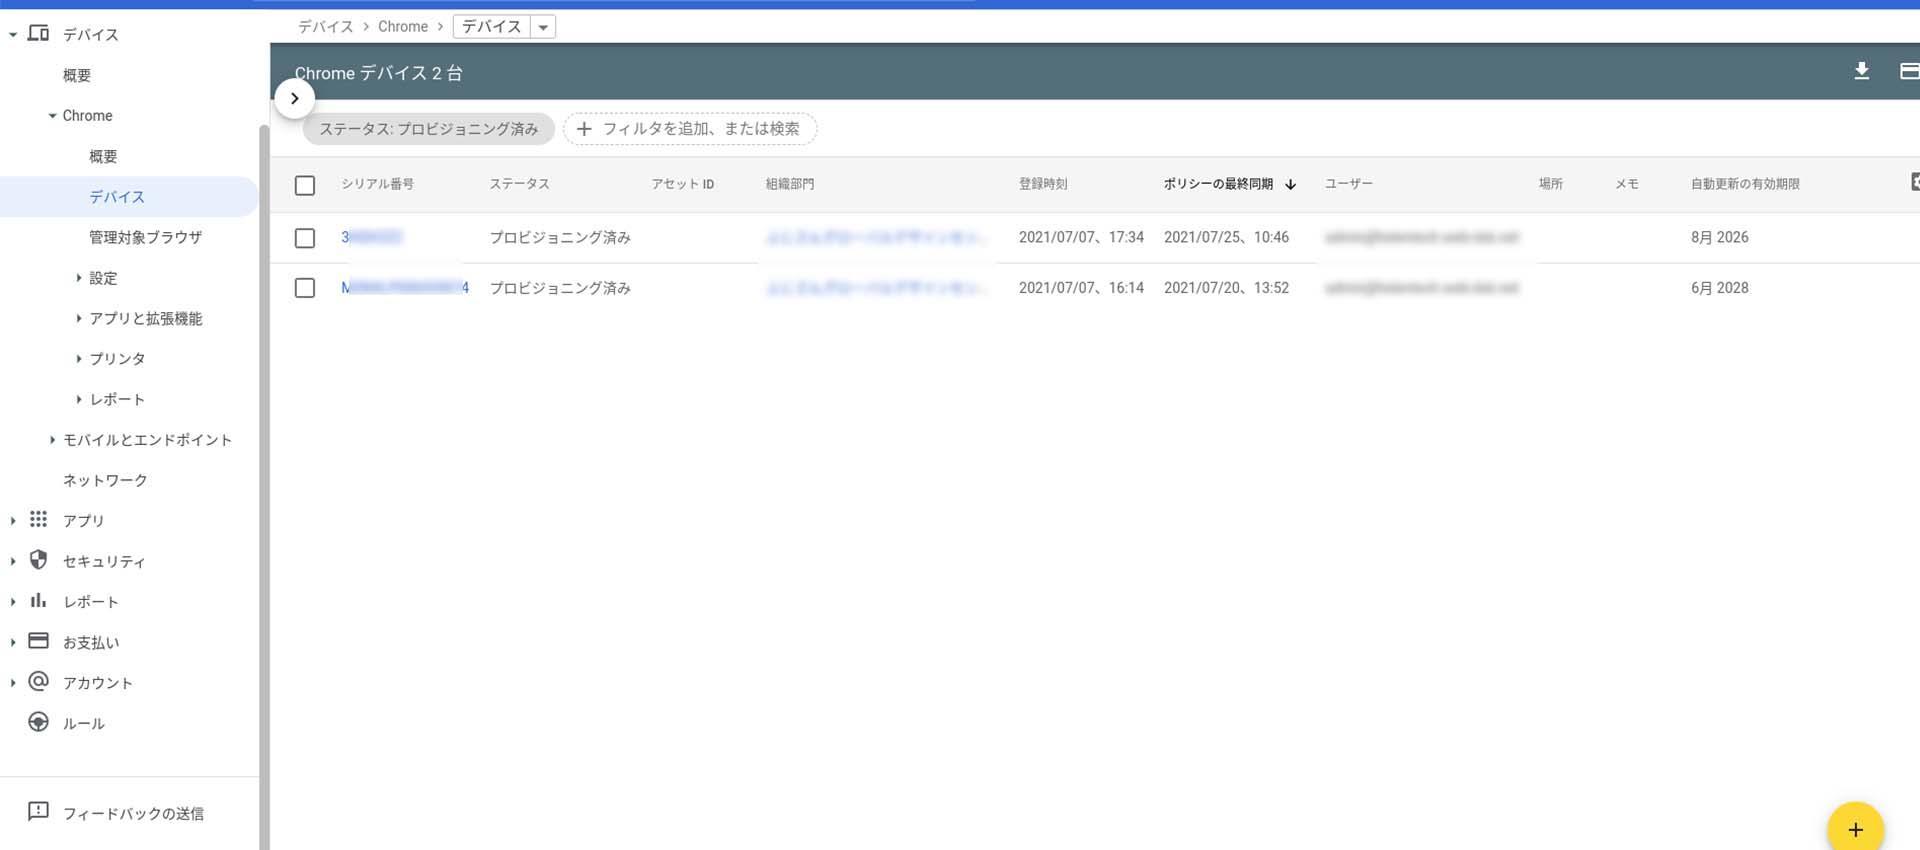 組織で使う Chrome OS のメリット、デメリットとは02